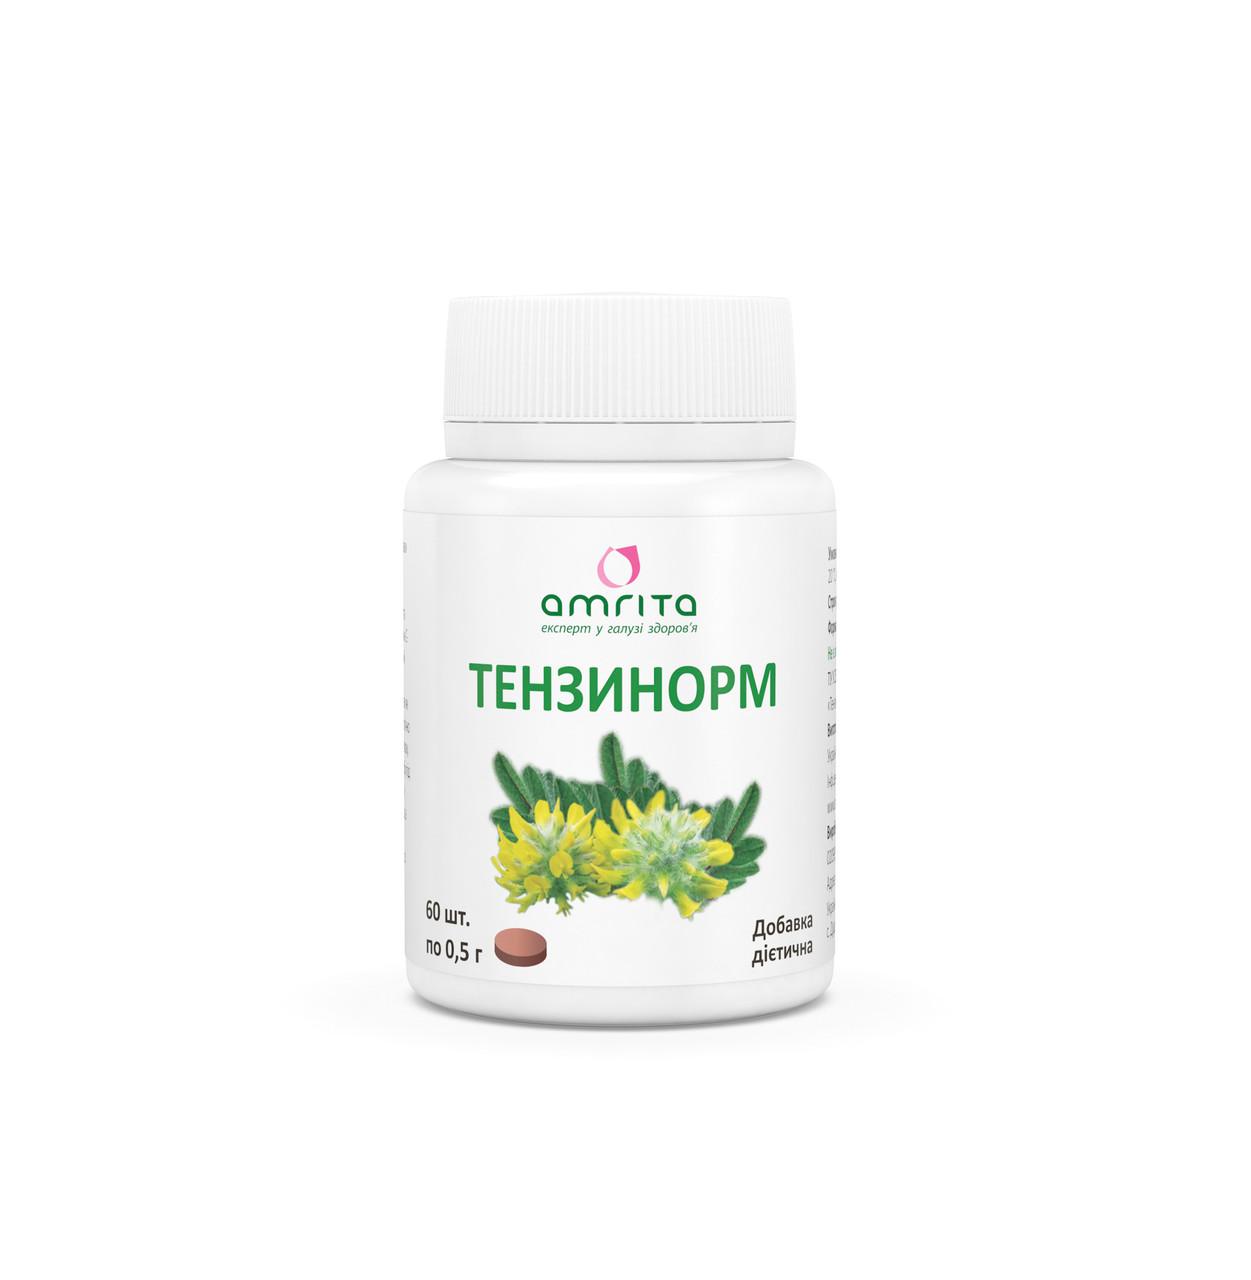 Препарат от давления -Тензинорм. Снижает давление,нормализует сердечный ритм 60 таб.